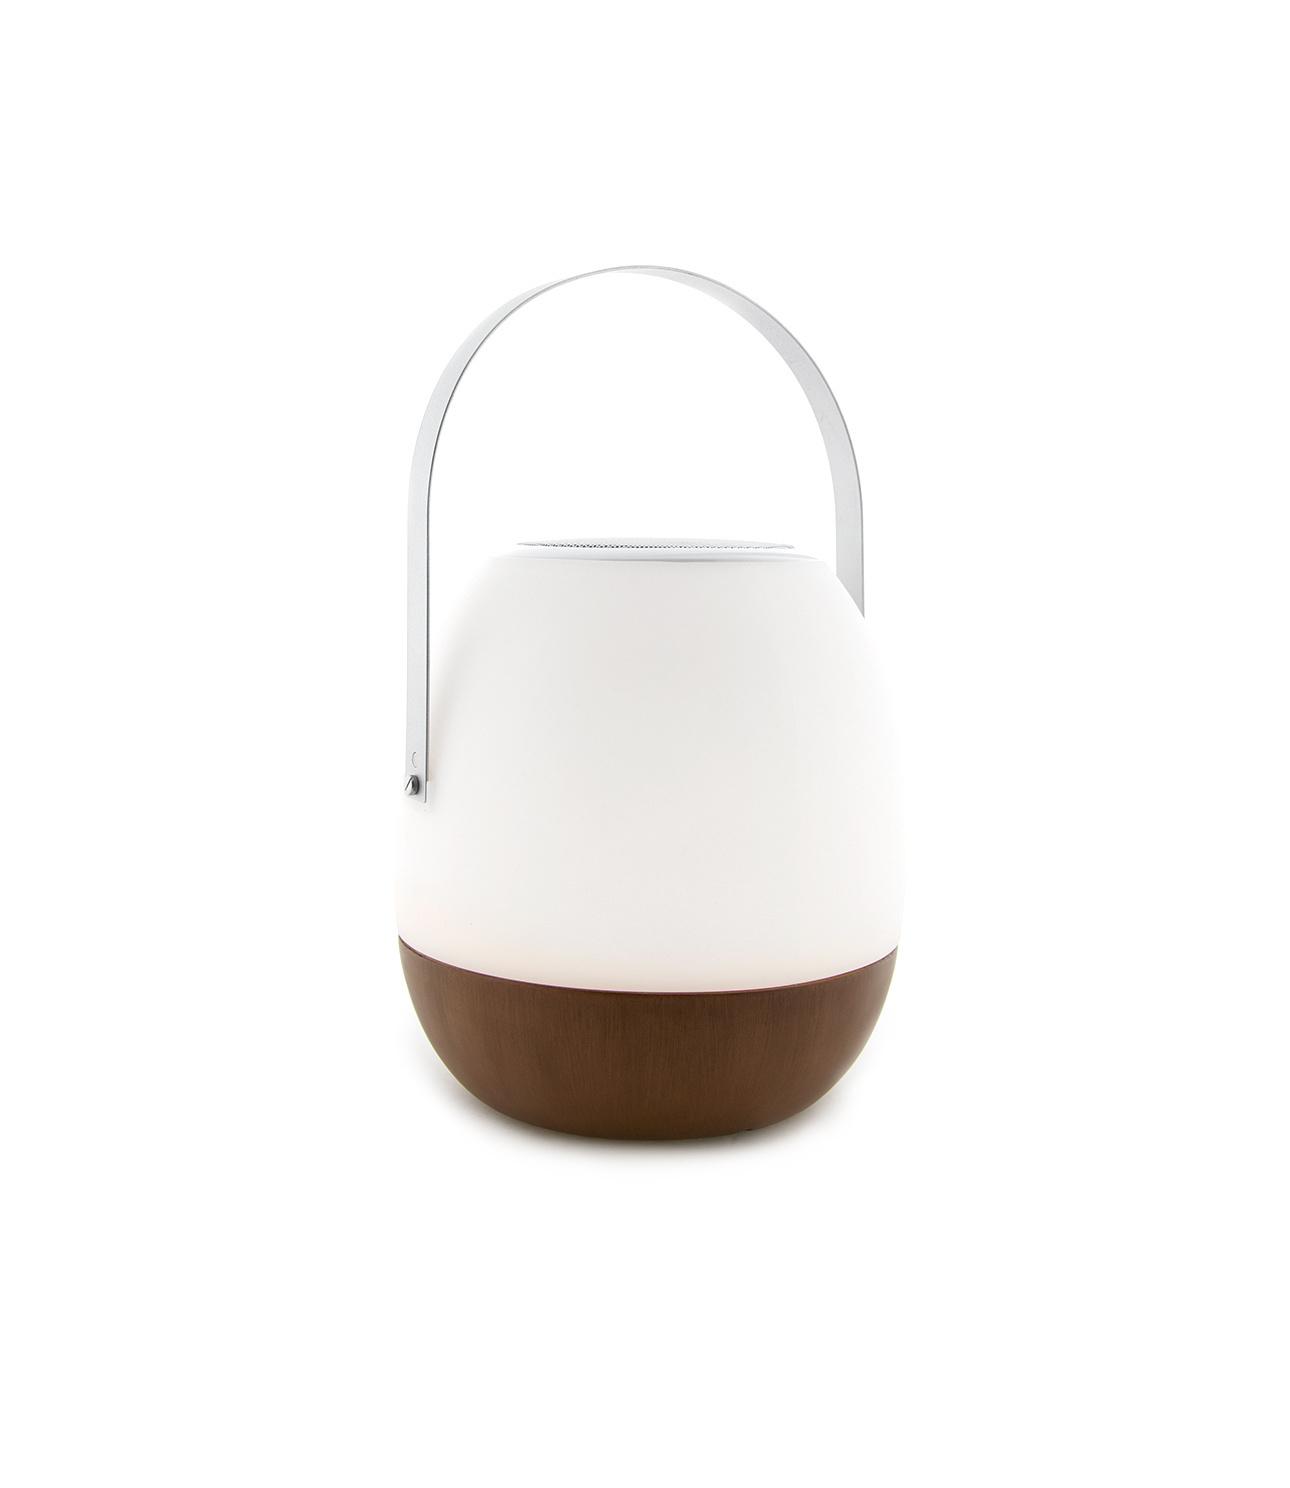 Tischlampe im Freien Pine + Lautsprecher Walnuss-1